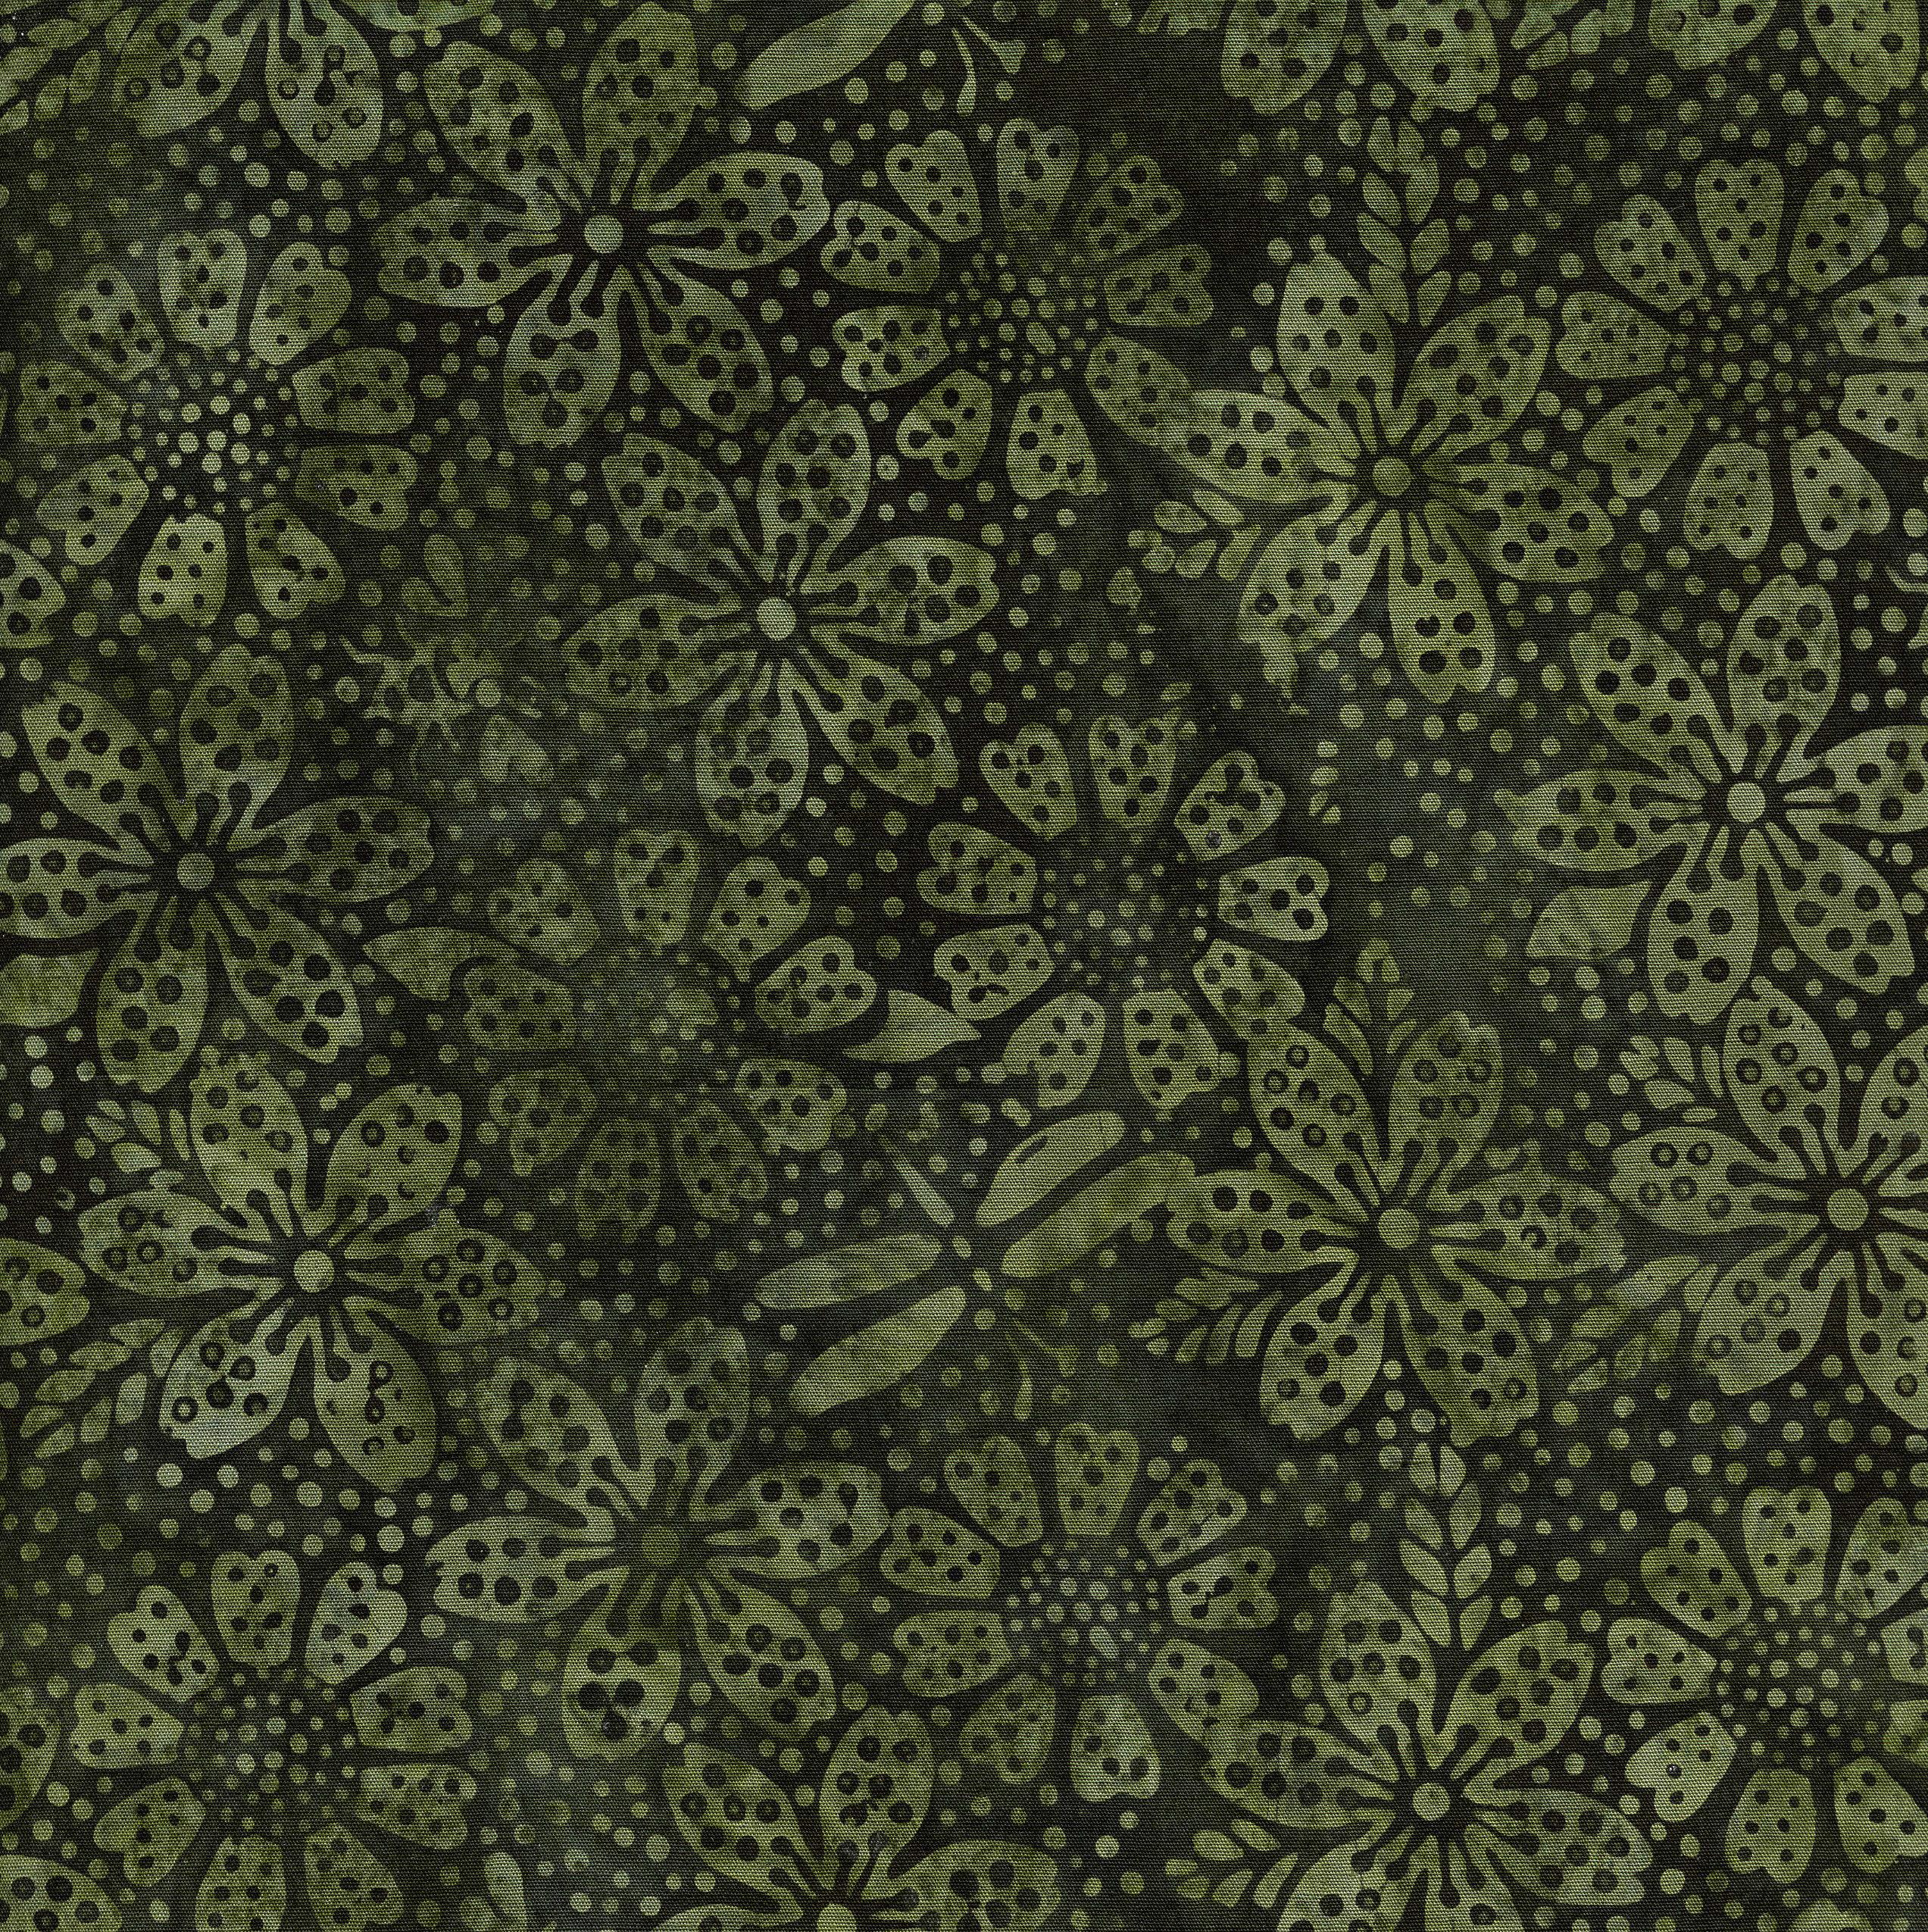 111812655 / Floral Dot -Olive